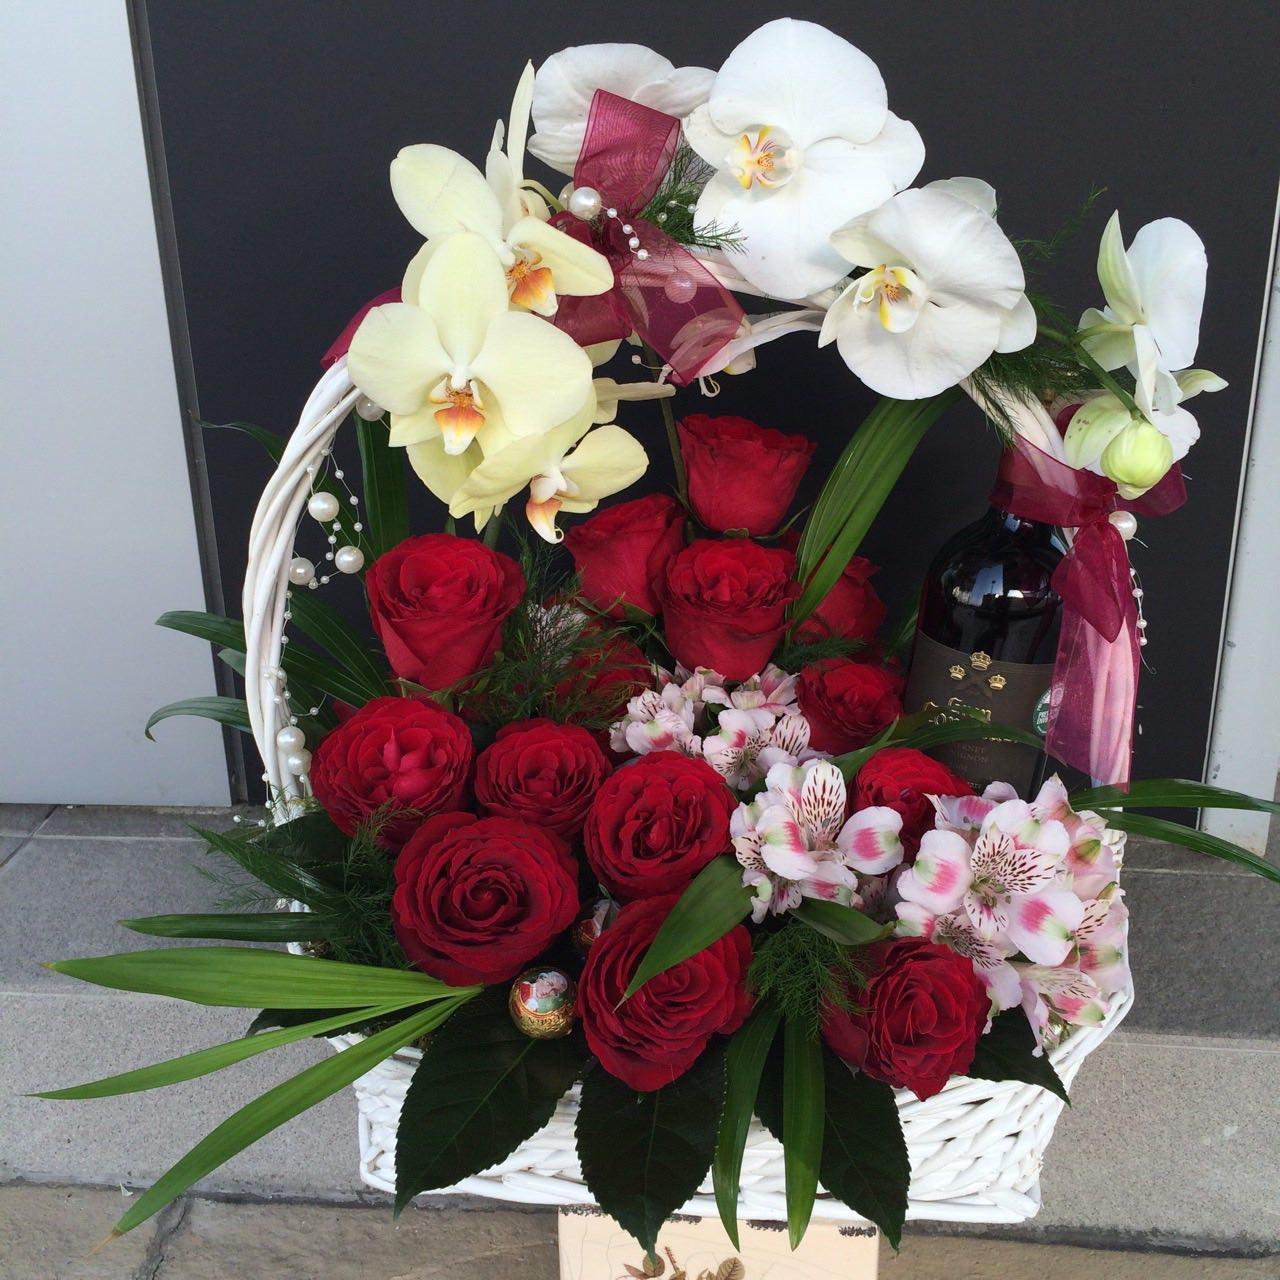 Cvetni aranžman ruže, orhideje i piće